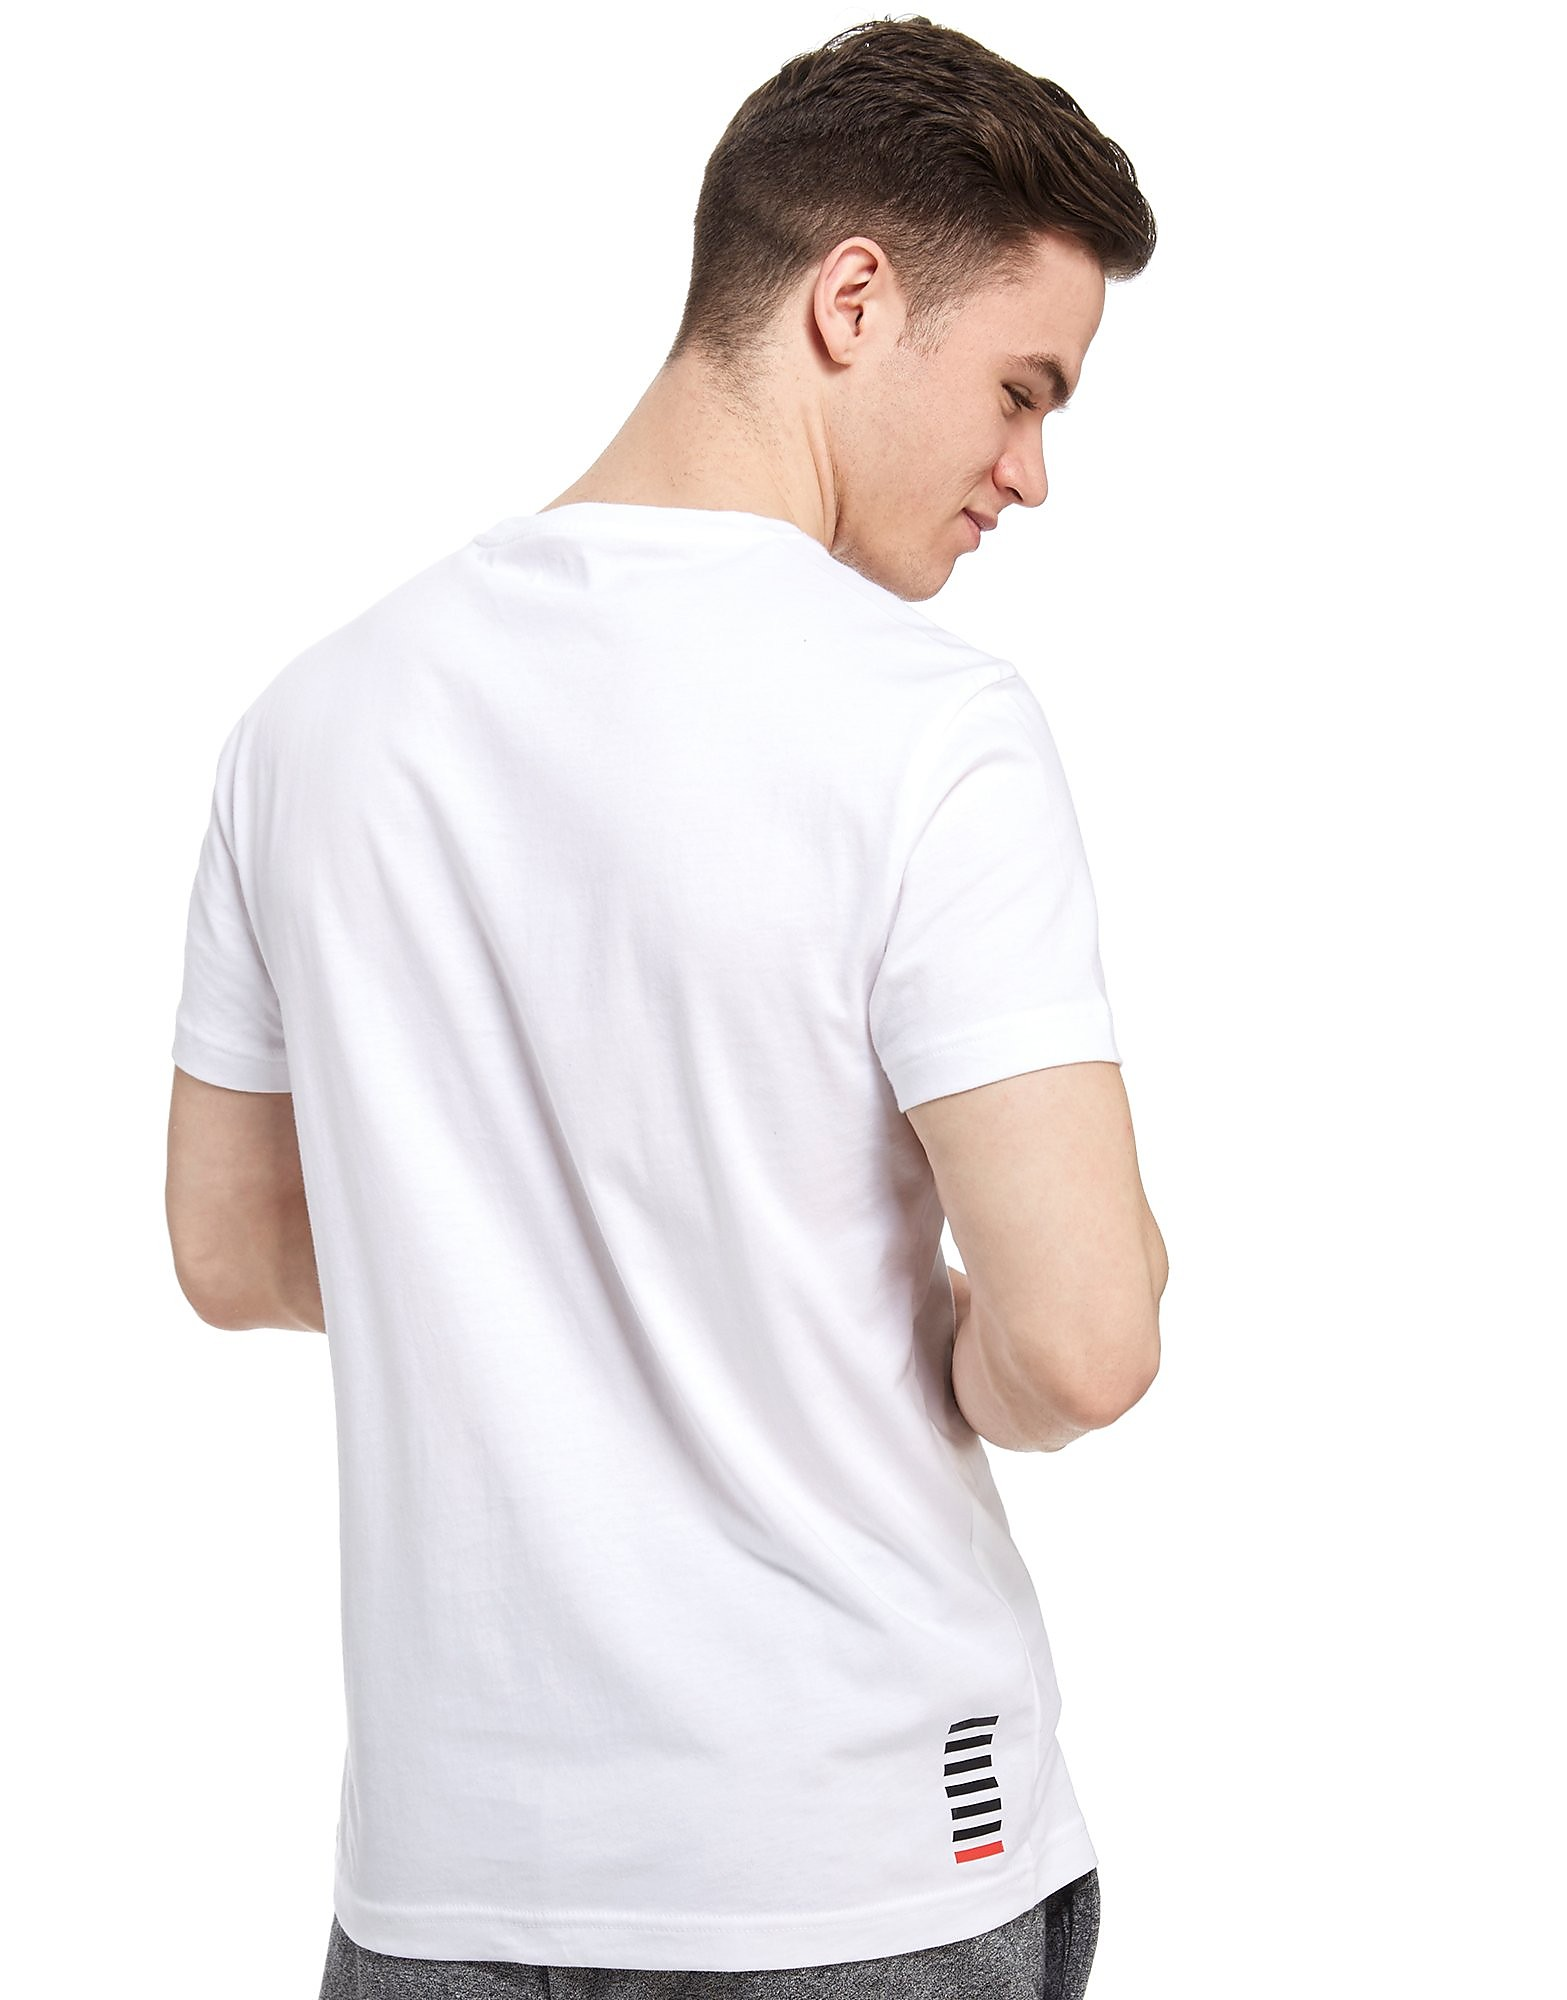 Emporio Armani EA7 Core T-Shirt